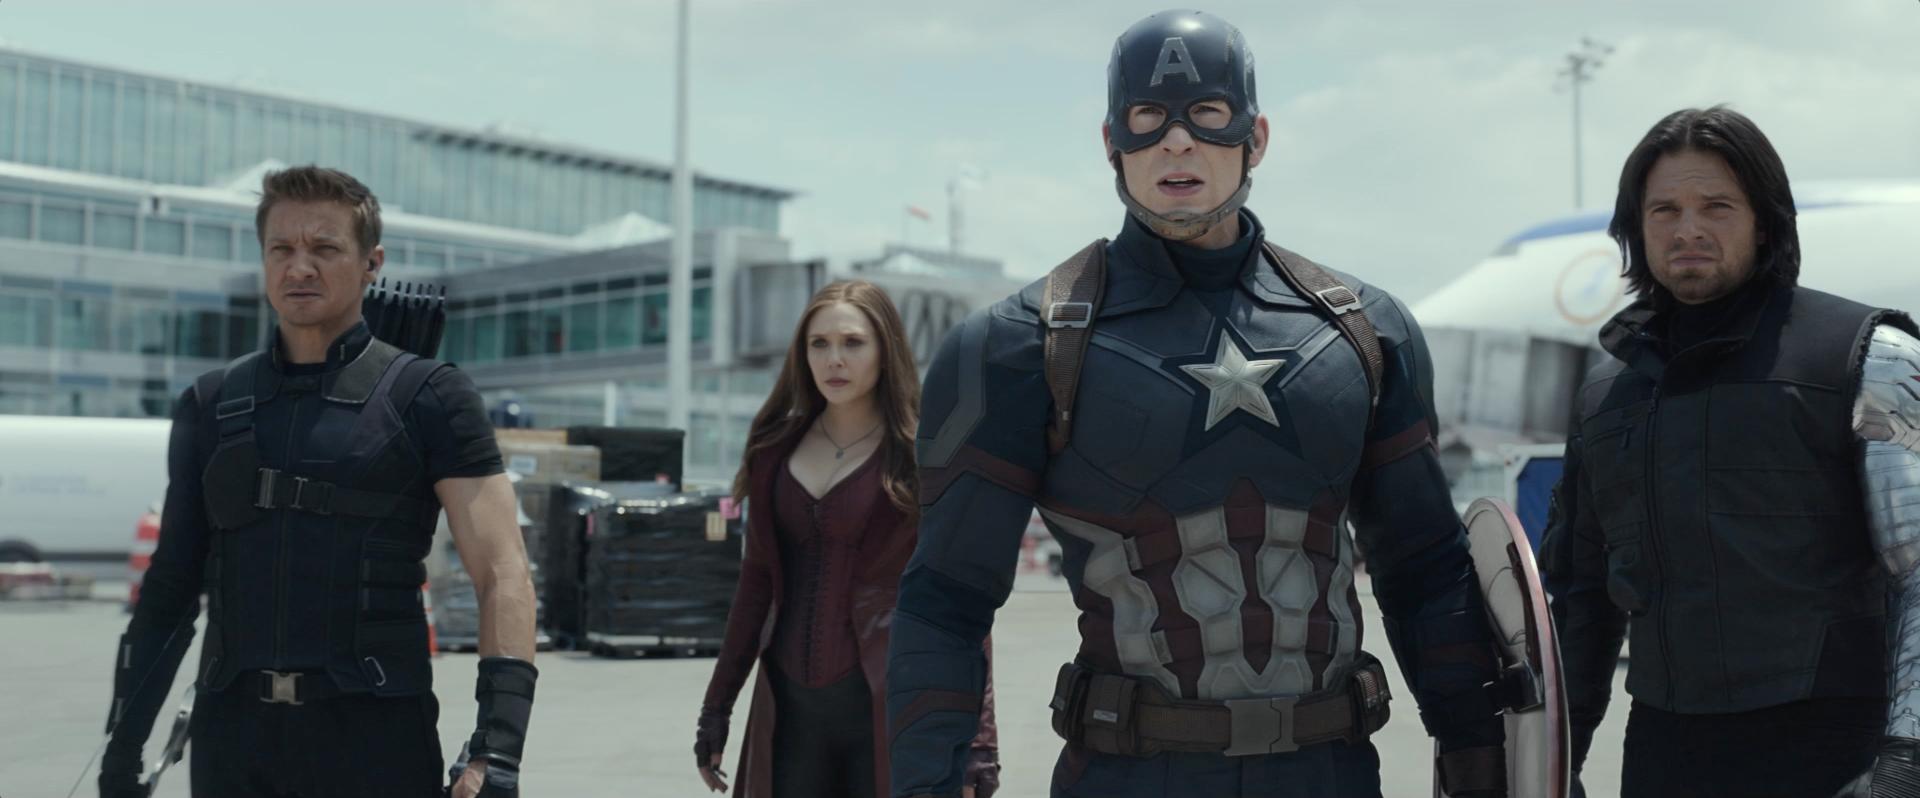 Trailer - Capitão América: Guerra Civil